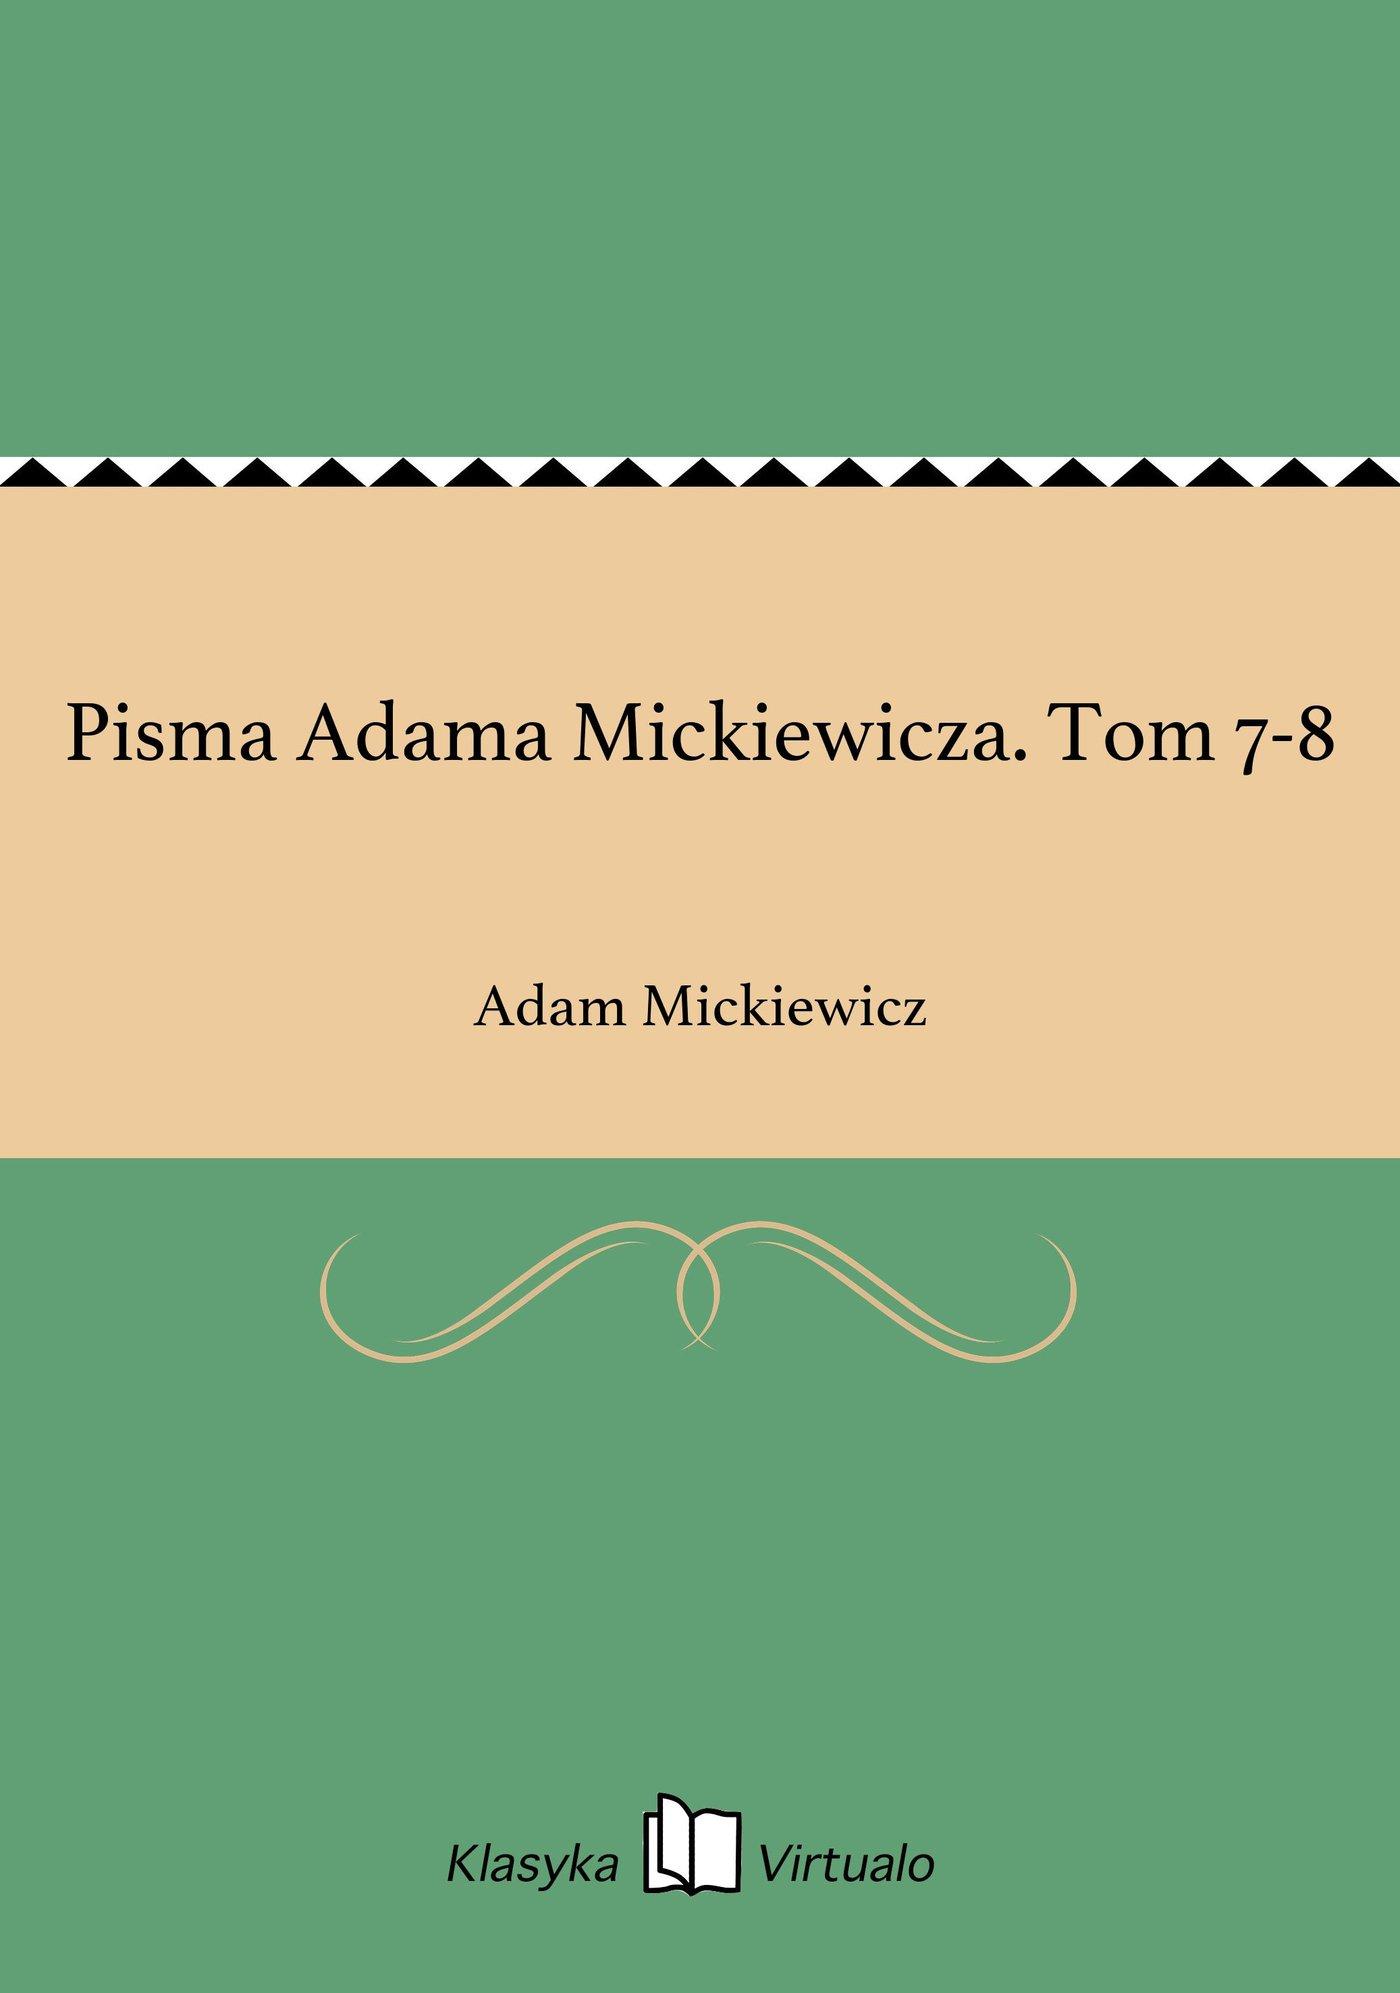 Pisma Adama Mickiewicza. Tom 7-8 - Ebook (Książka EPUB) do pobrania w formacie EPUB